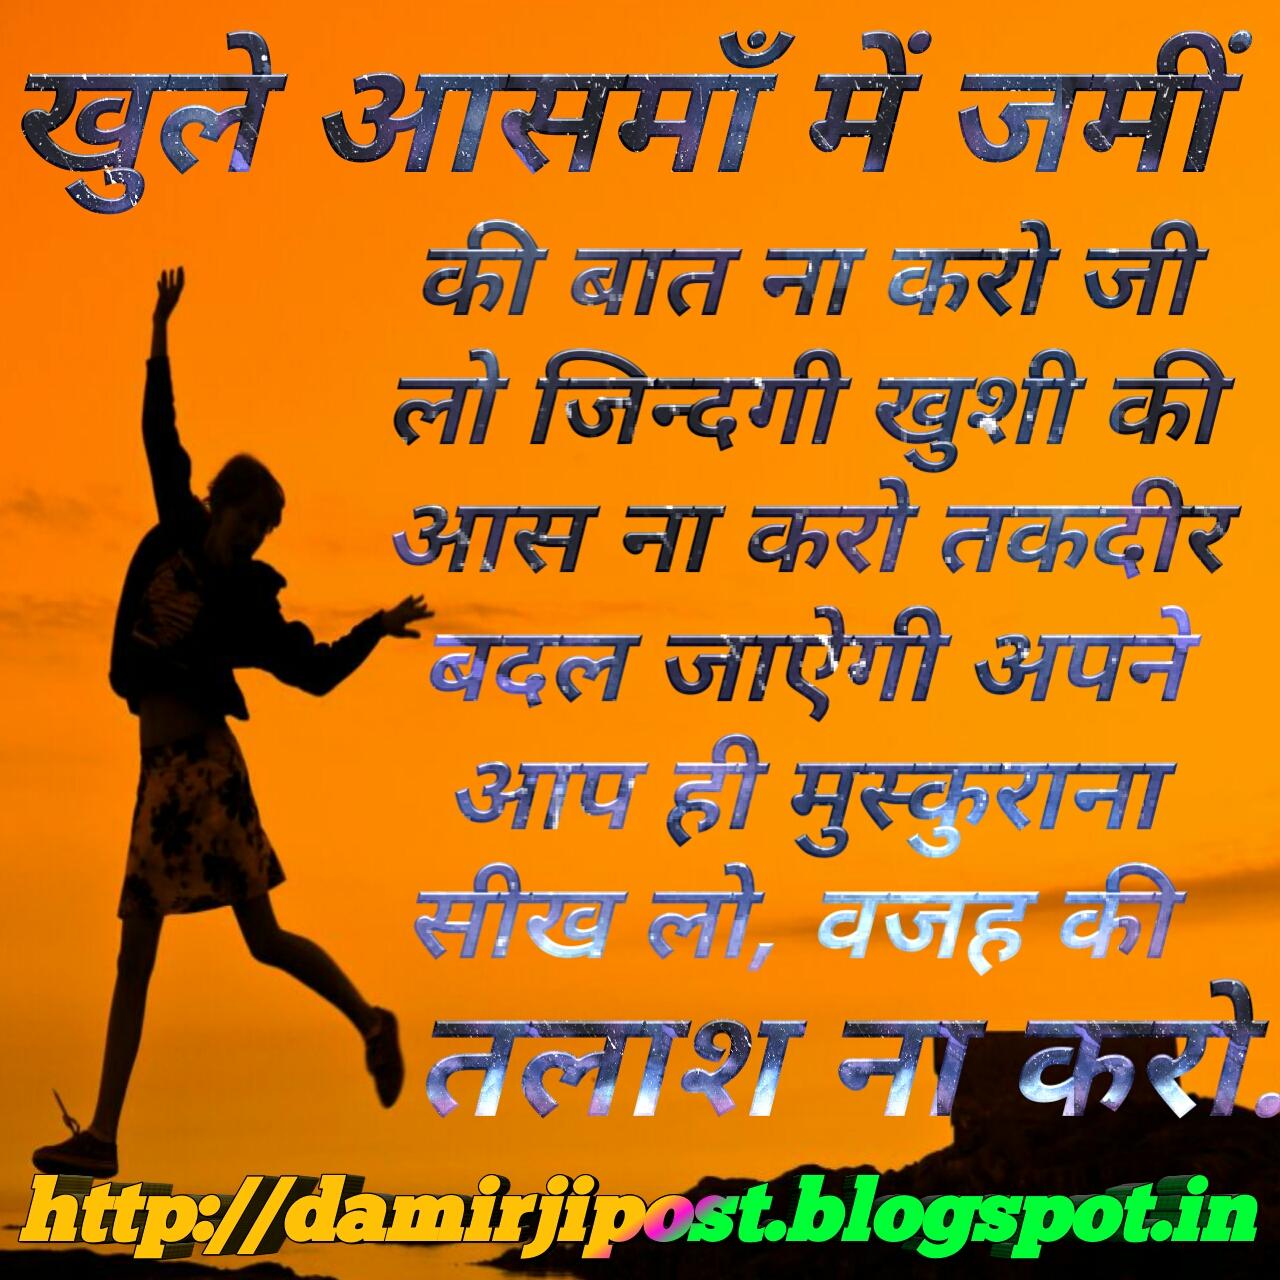 Hindi Romantic Suvichar: Hindi Shayari, Suvichar, Thoughts, Quotes, Goodmorning